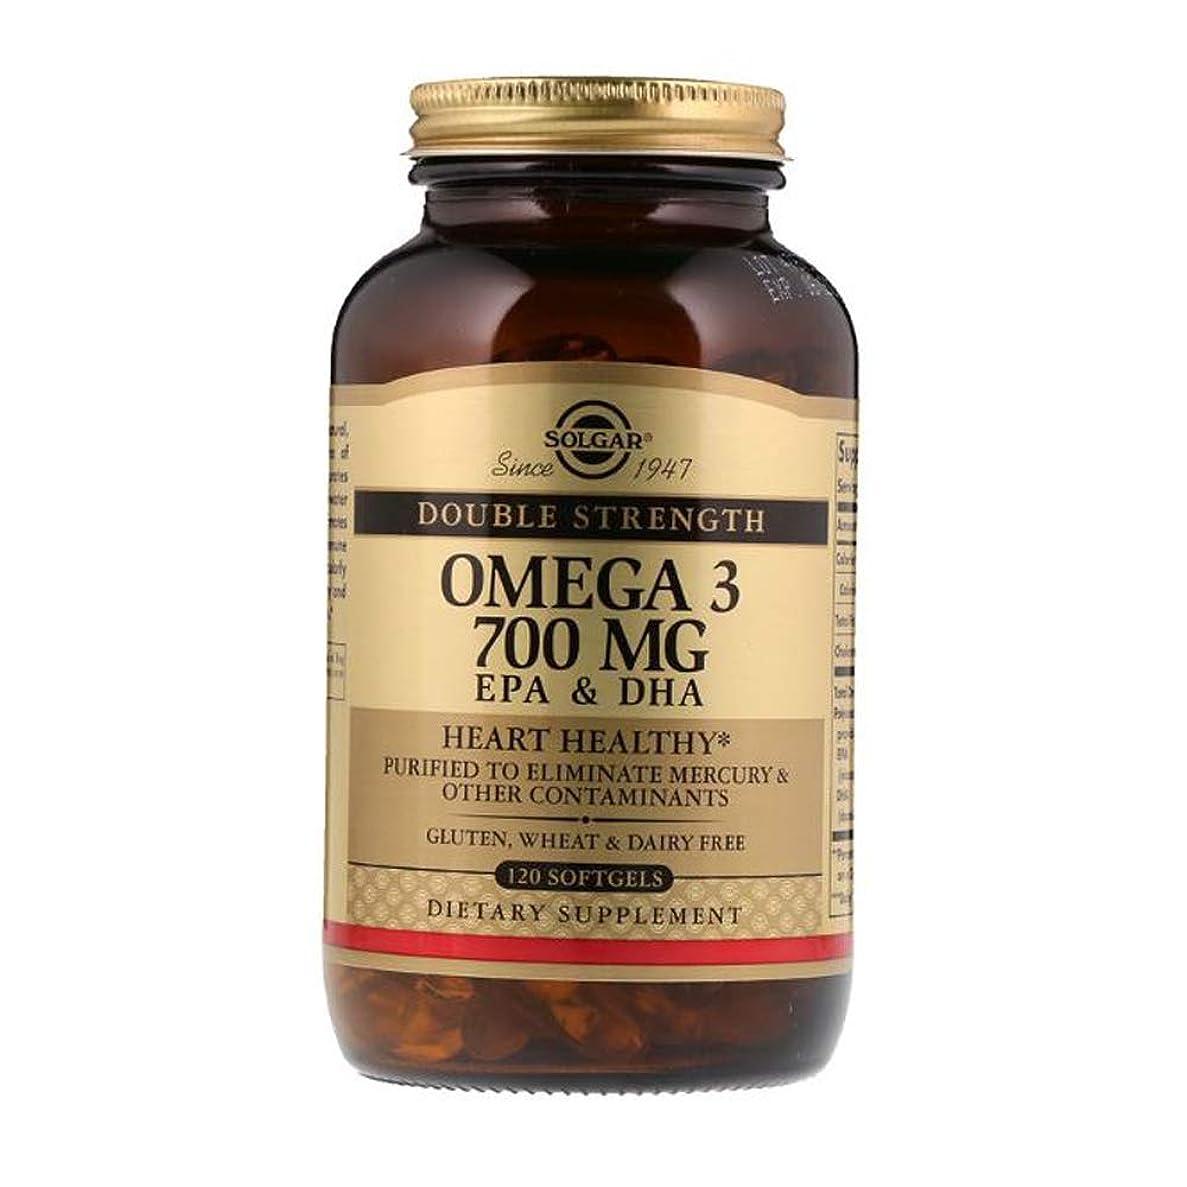 ファンネルウェブスパイダーうめきアスレチックSolgar Omega 3 EPA DHA Double Strength 700mg 120 Softgels 【アメリカ直送】